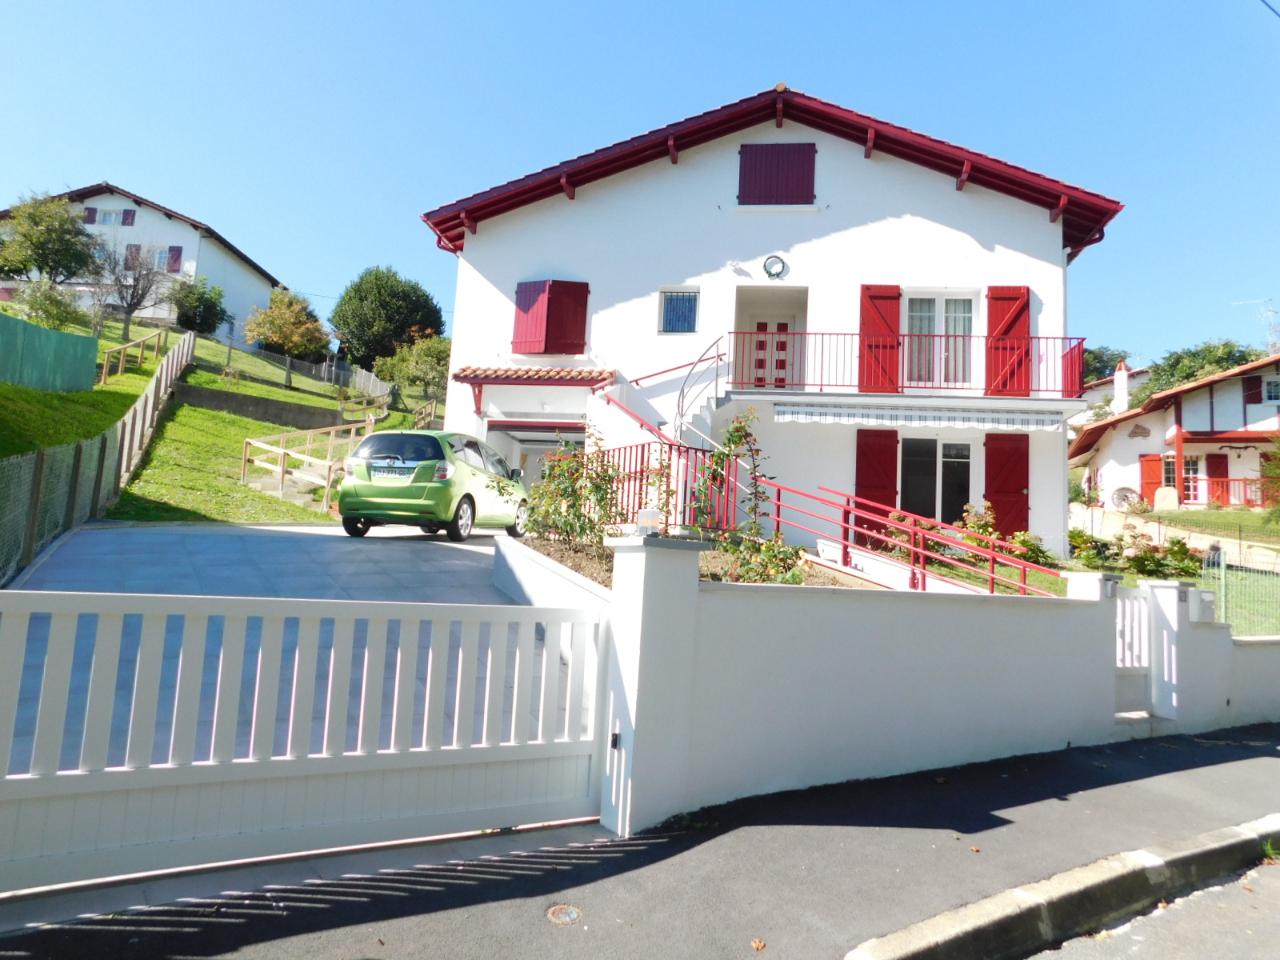 vente maison à HENDAYE - 899 000